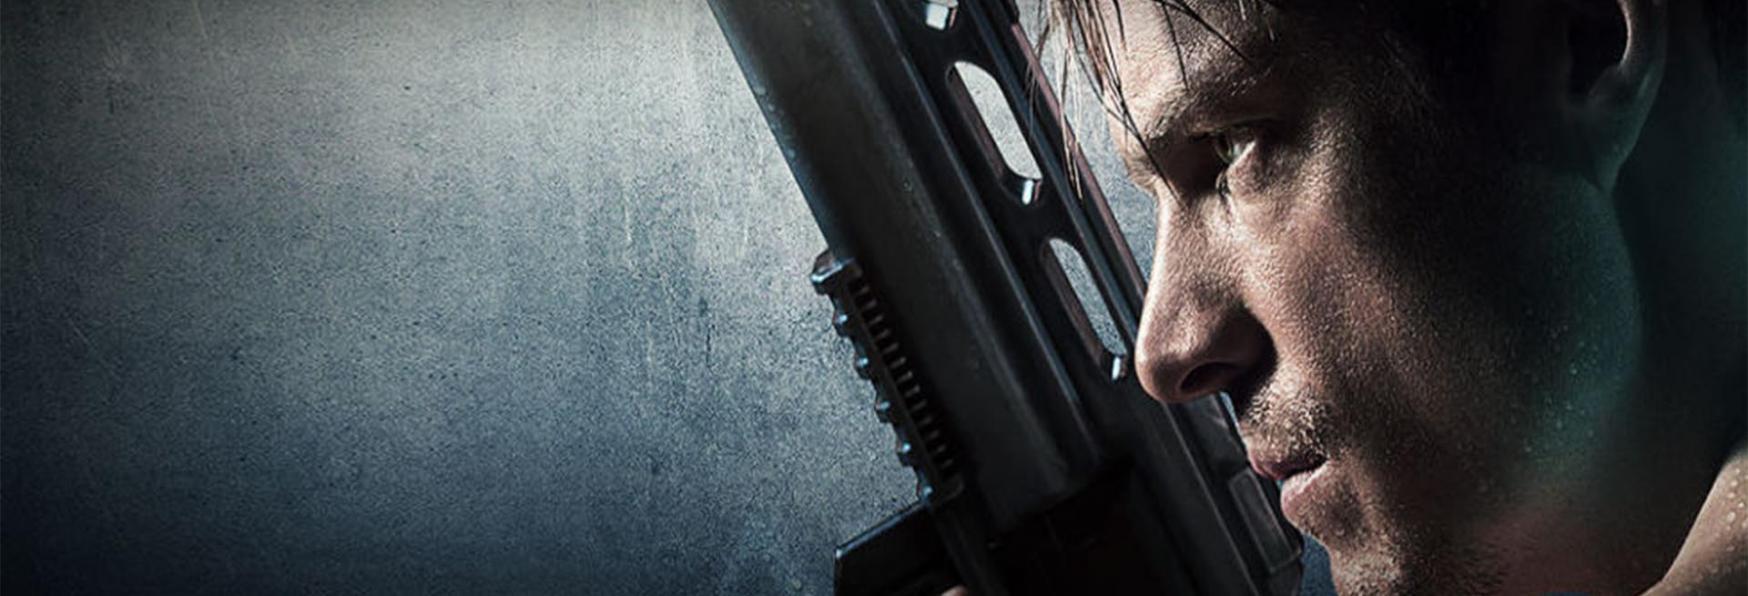 Altered Carbon 3 non ci sarà. Netflix Cancella la Serie TV con Anthony Mackie